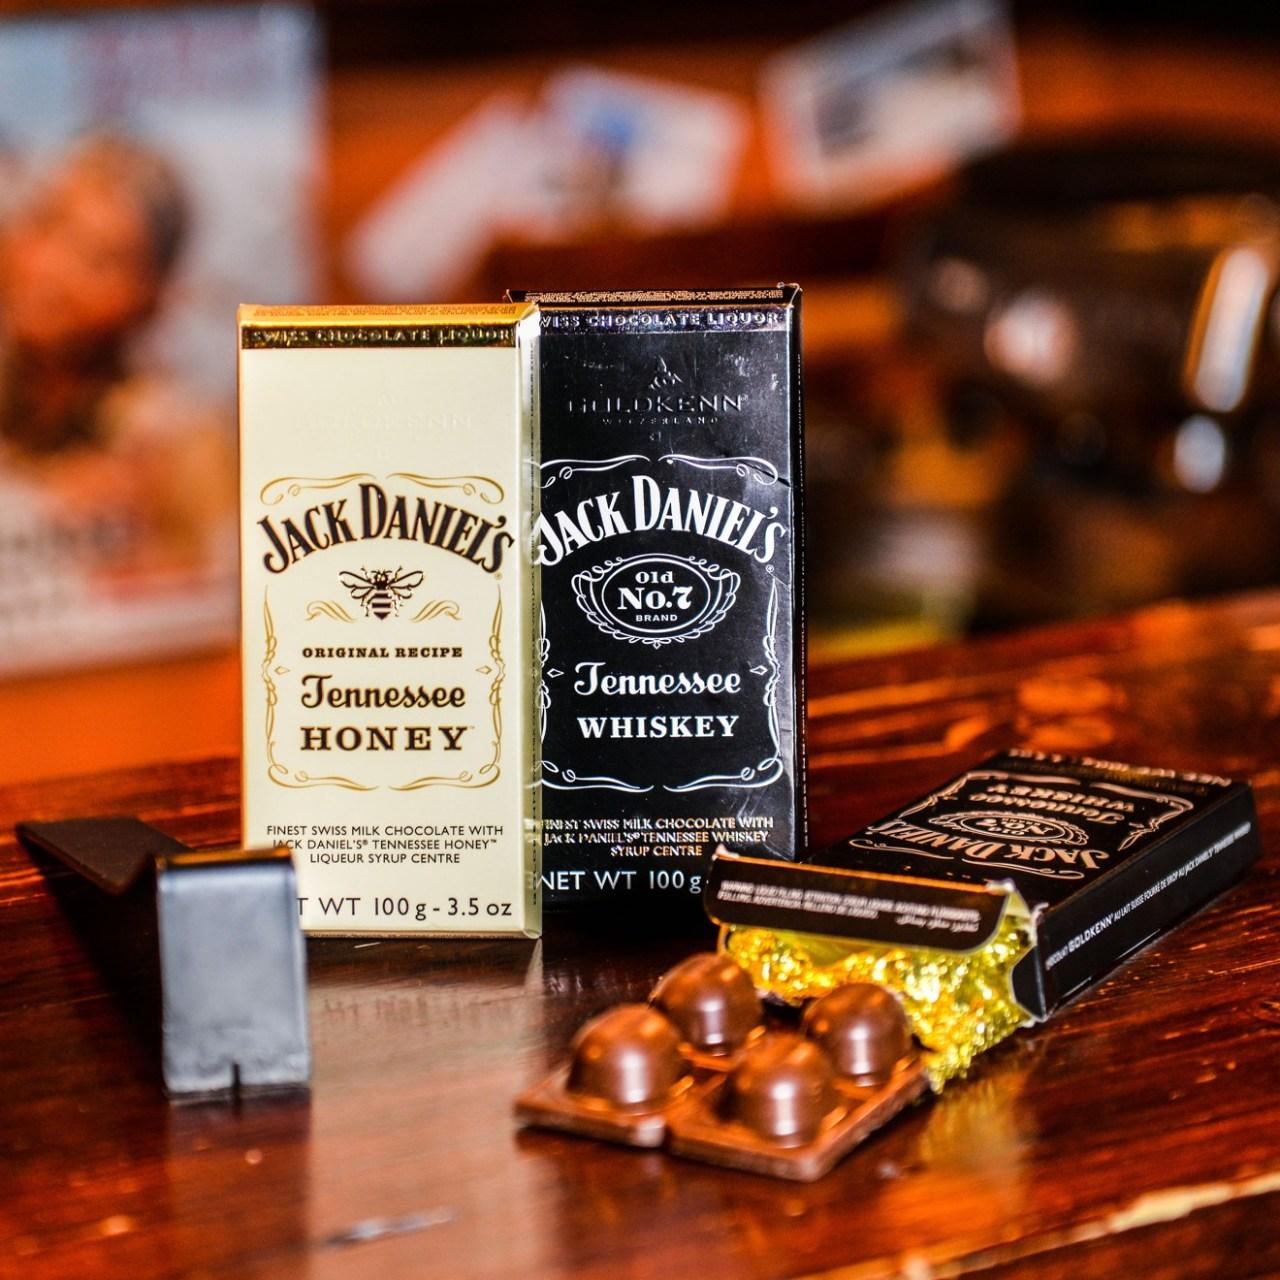 čokolády Jack Daniels.jpg